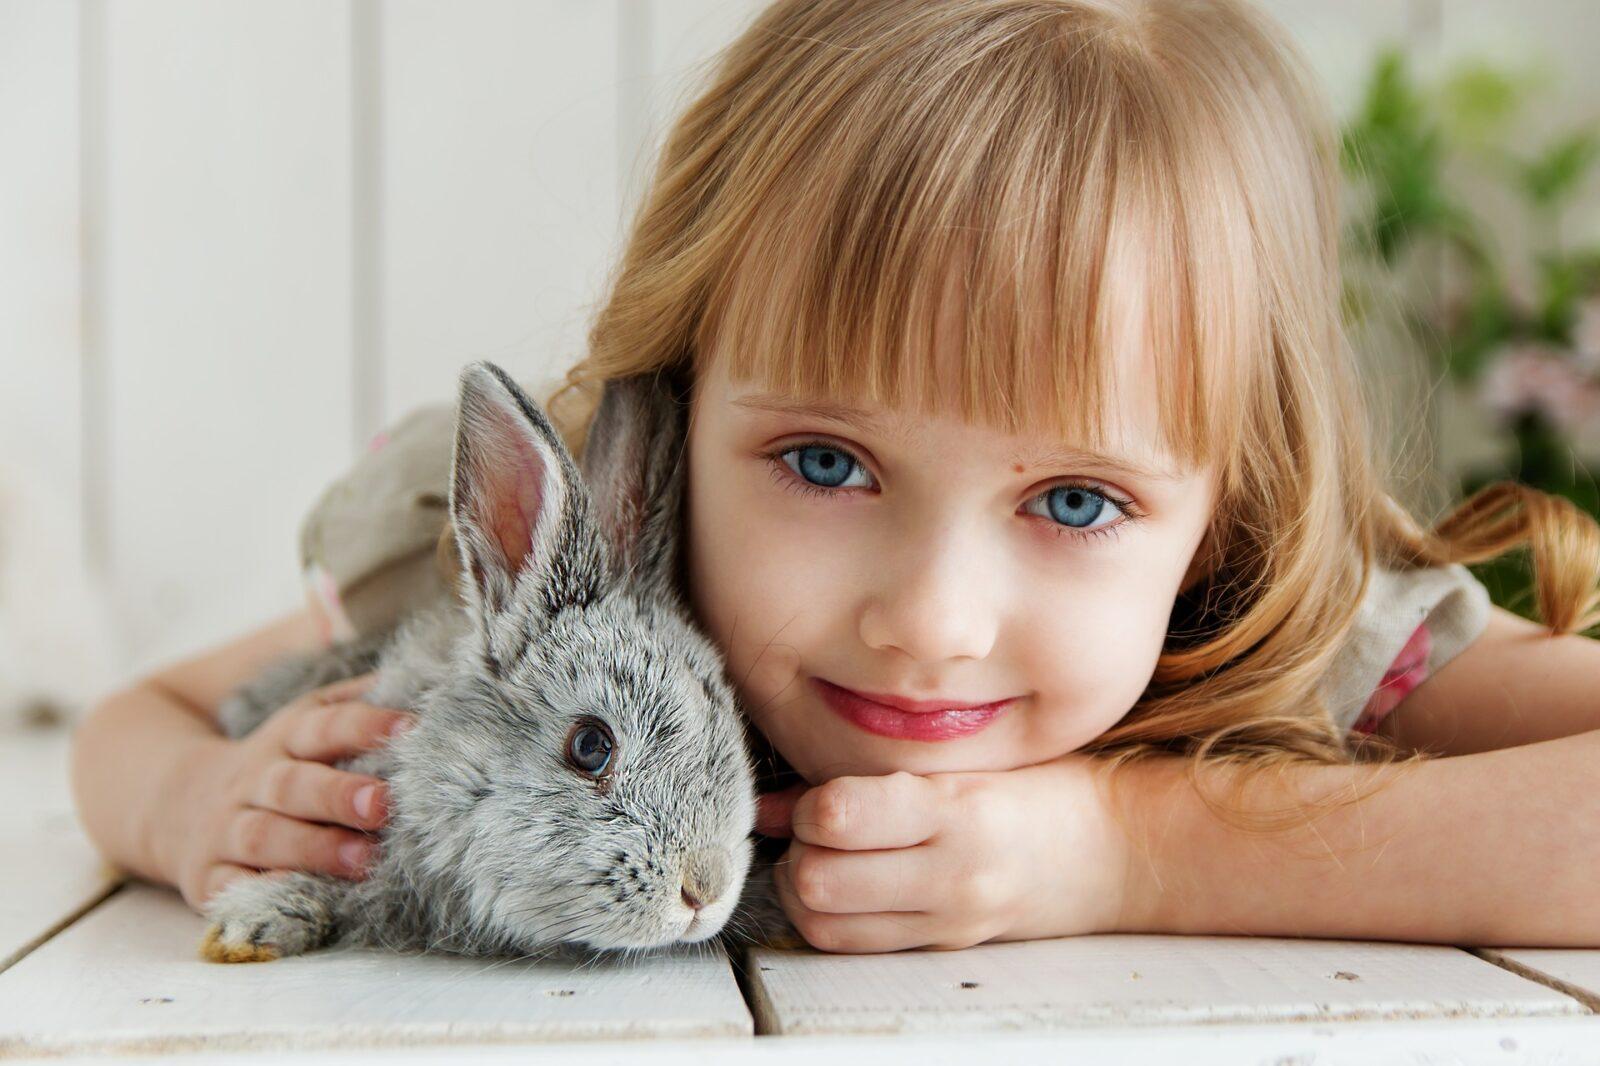 rabbit 3660673 1920